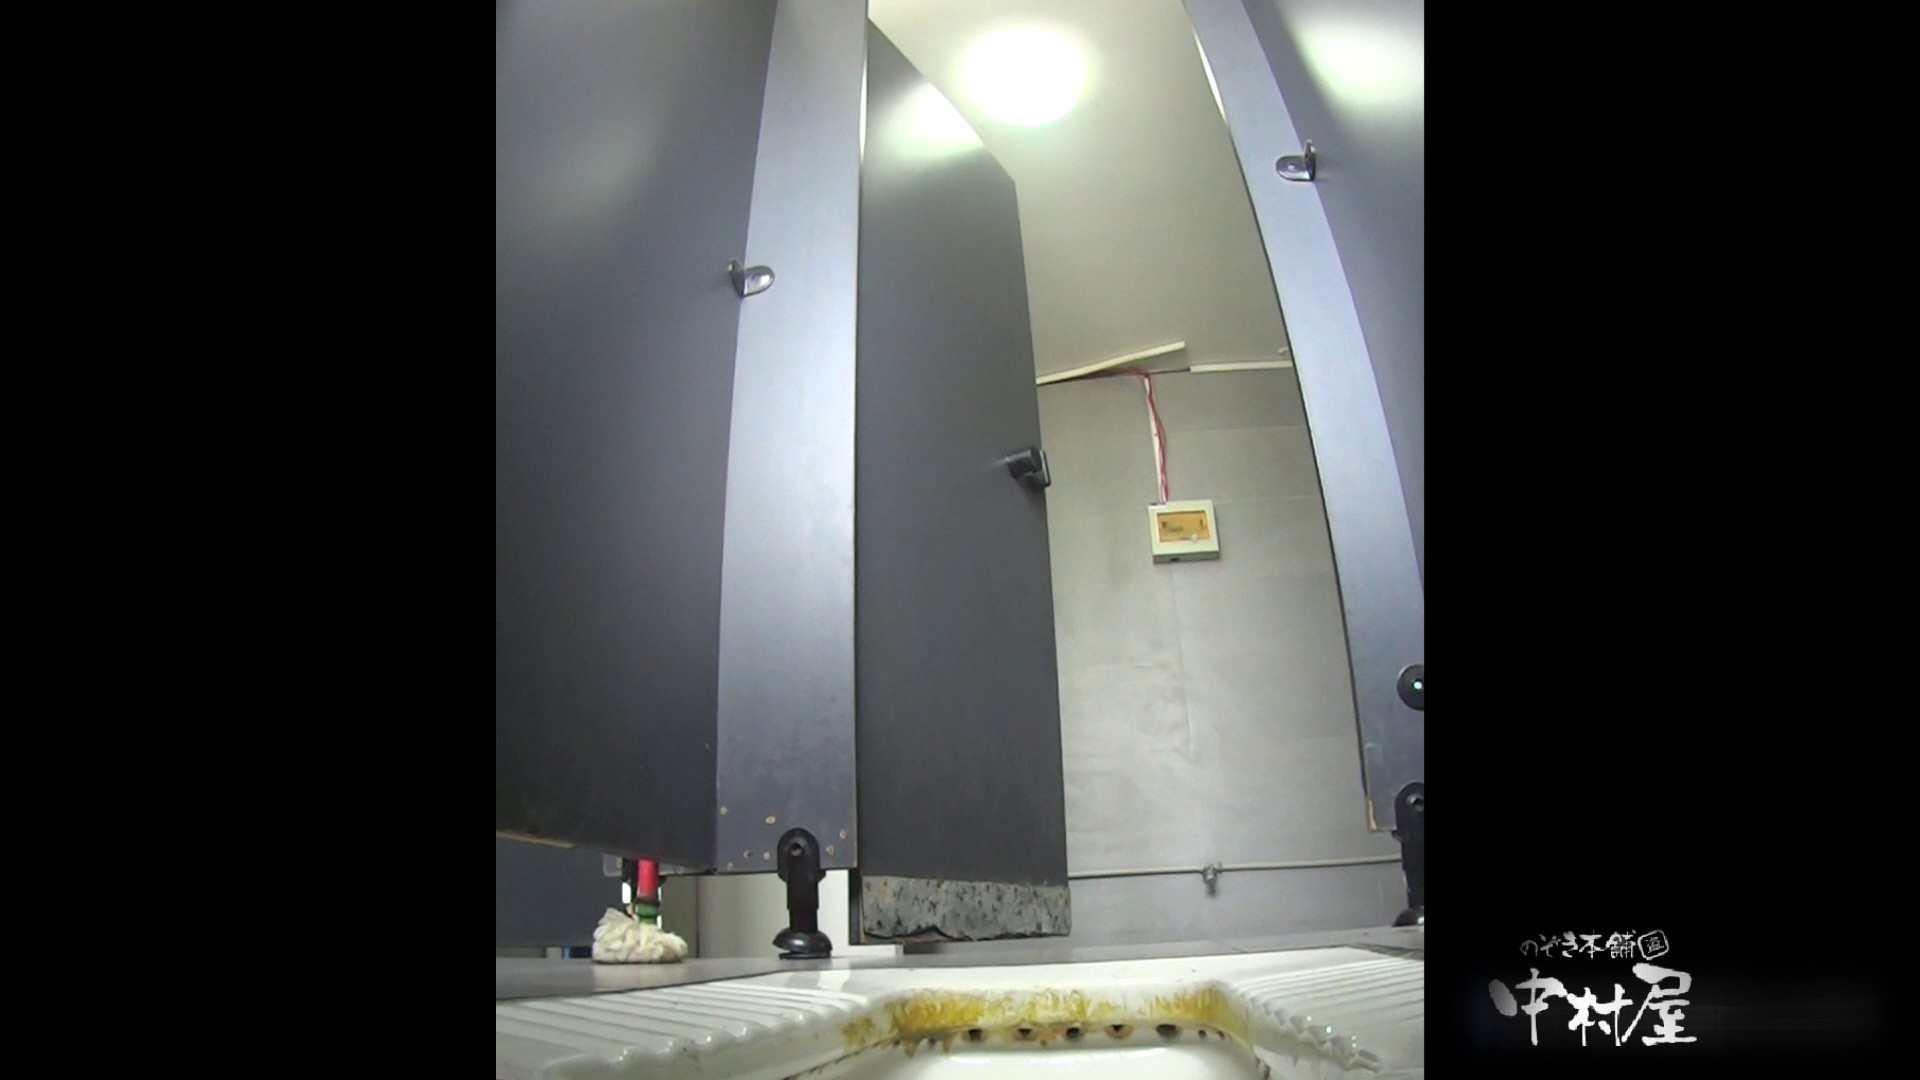 高画質で見る美女達の洗面所 大学休憩時間の洗面所事情14 乙女のエロ動画 | お姉さんのエロ動画  107PIX 49